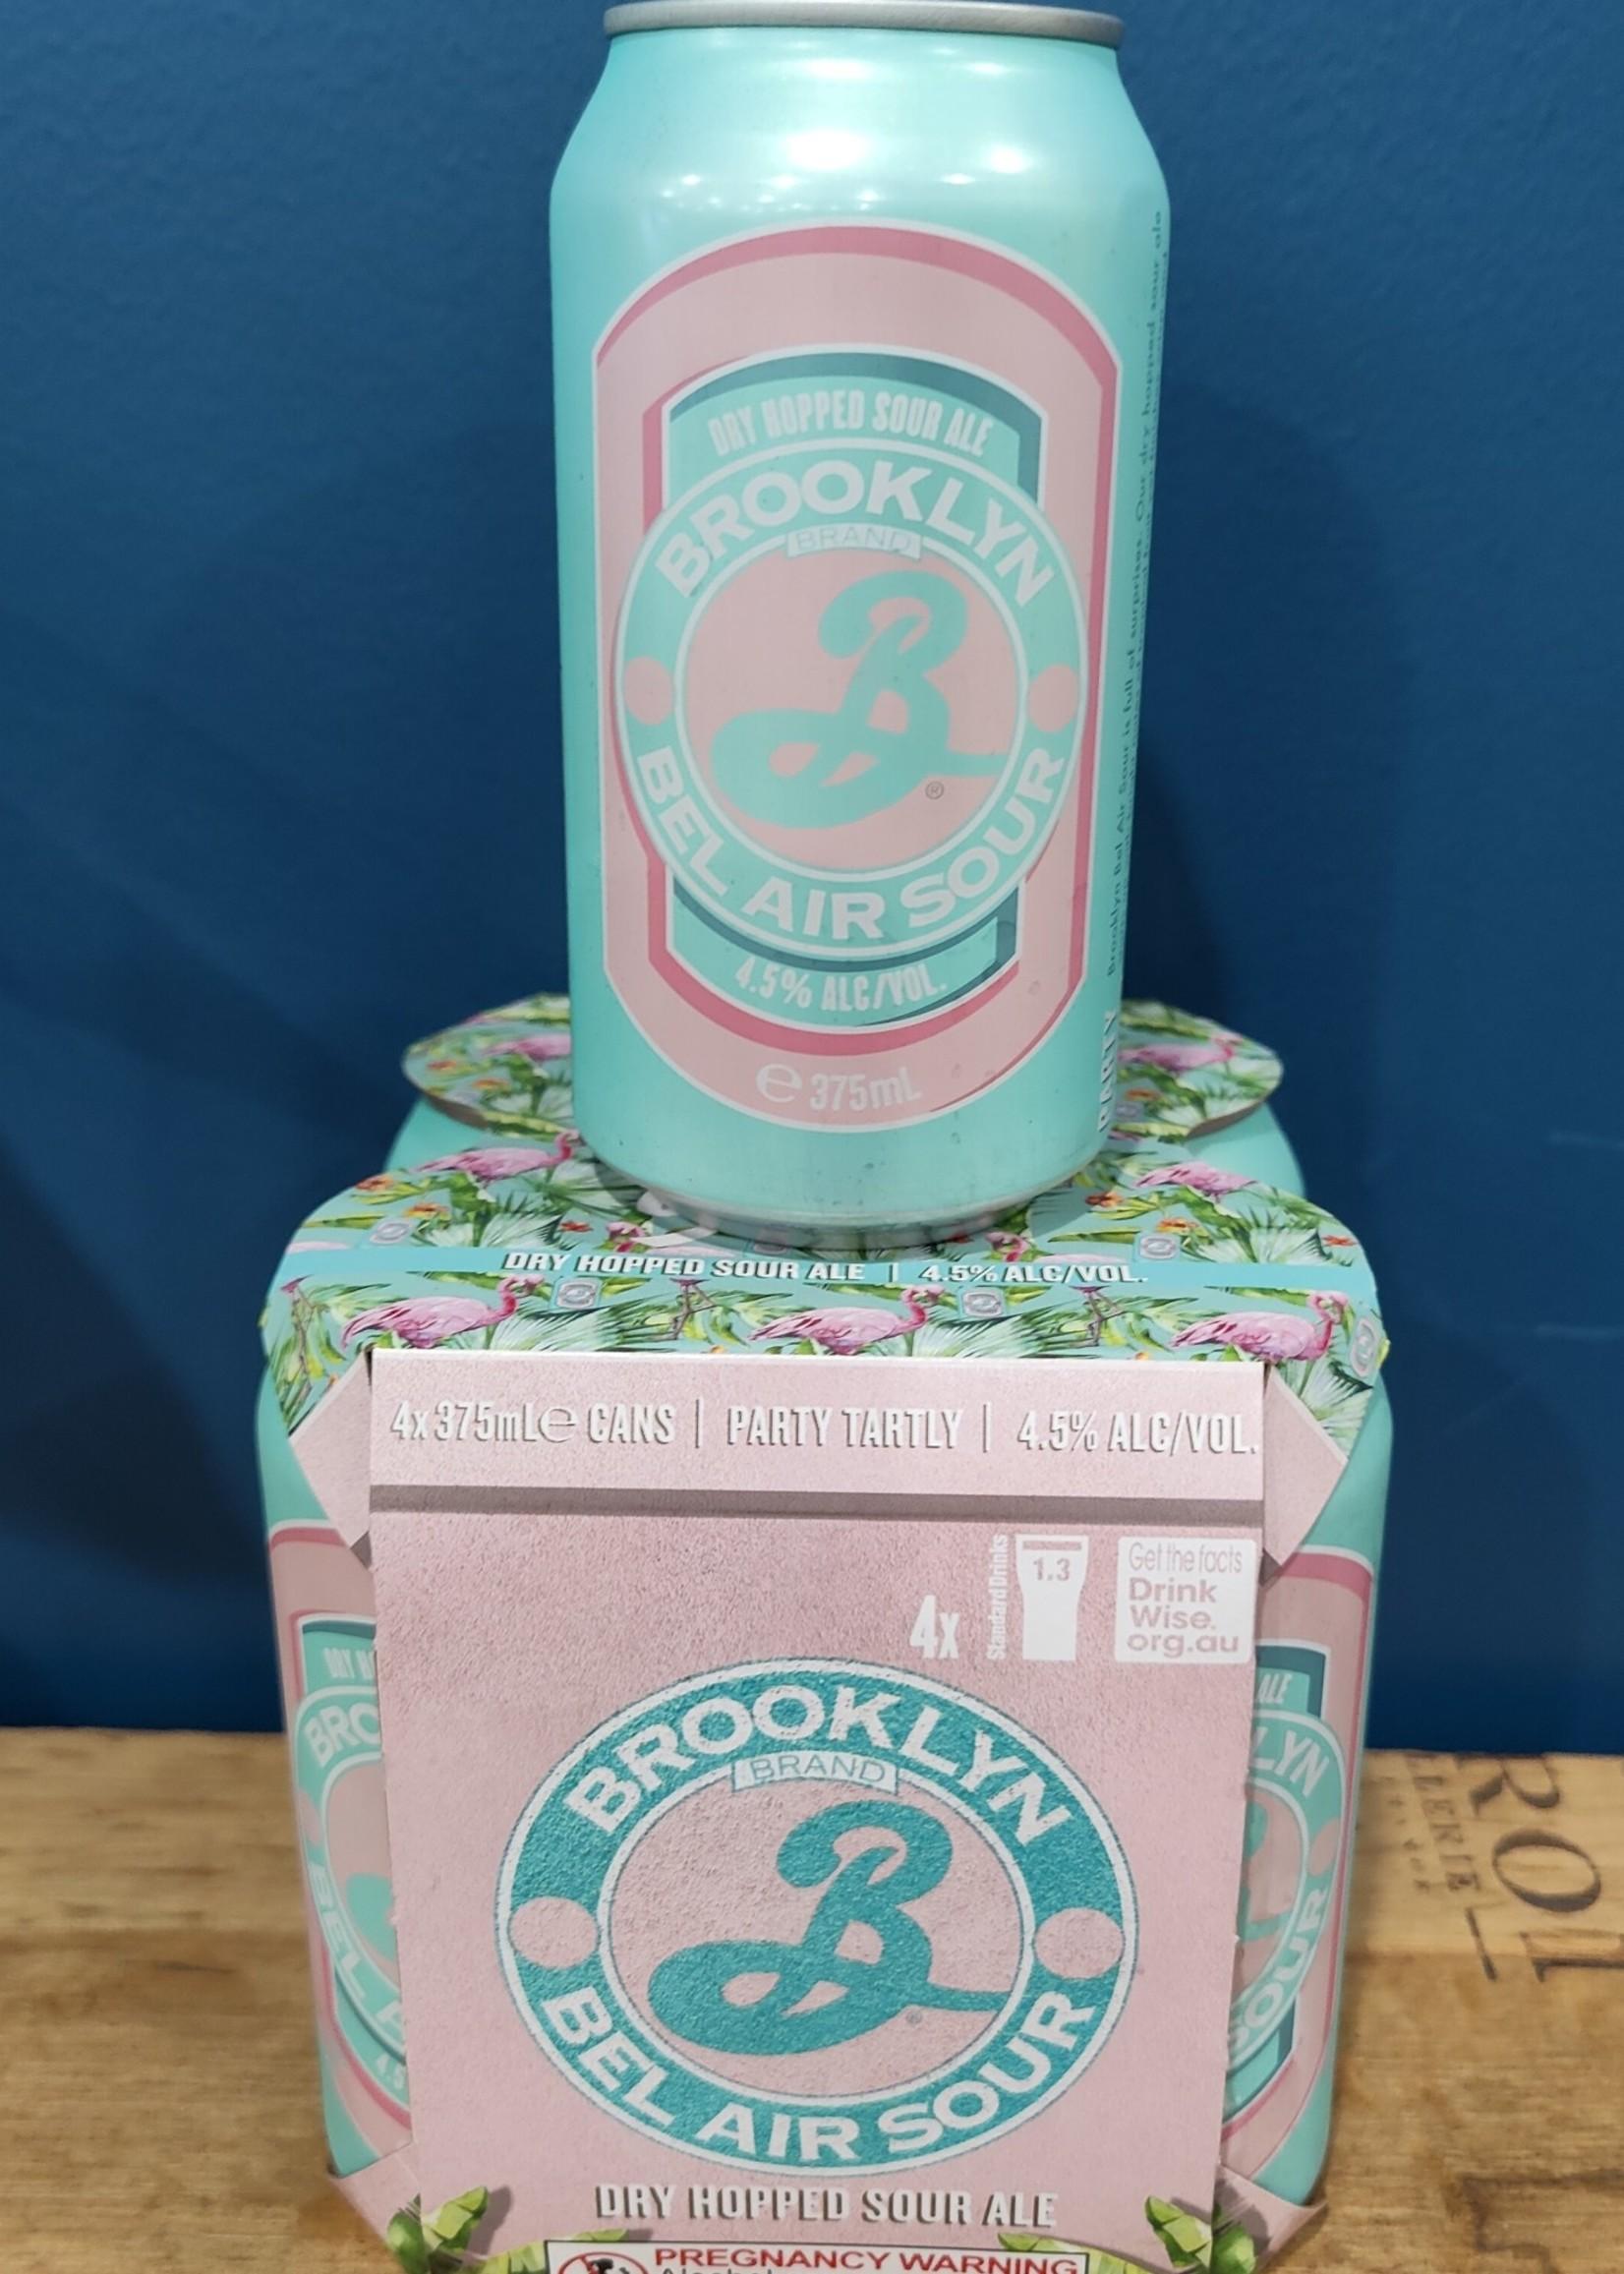 Brooklyn Brewery Brooklyn Bel Air Sour